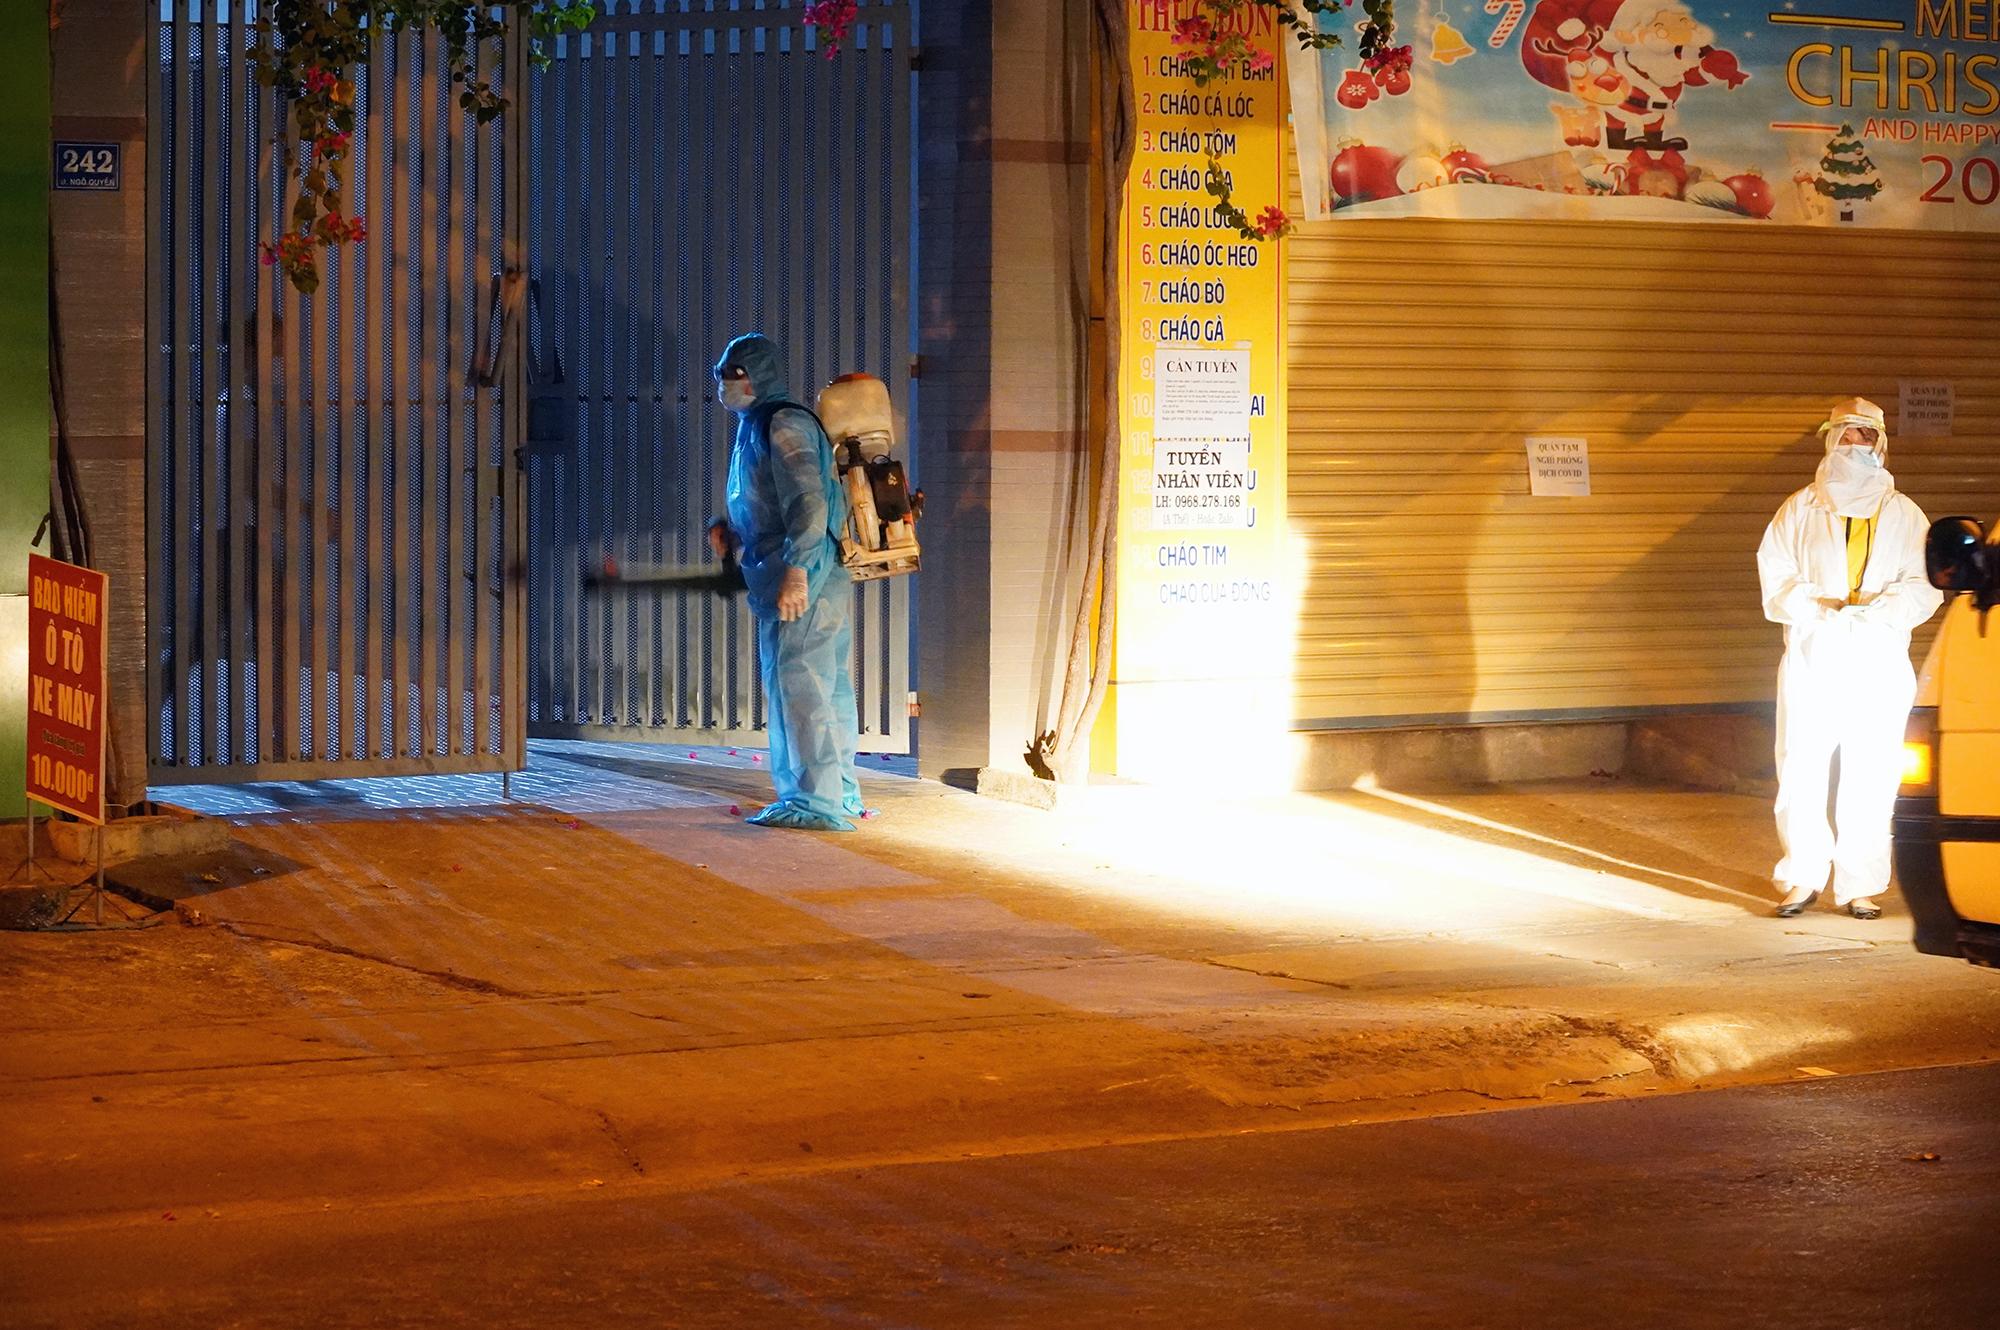 Nhân viên y tế phun xịt khử khuẩn xung quanh nhà của người phụ nữ nghi nhiễm nCoV. Ảnh: Phước Tuấn